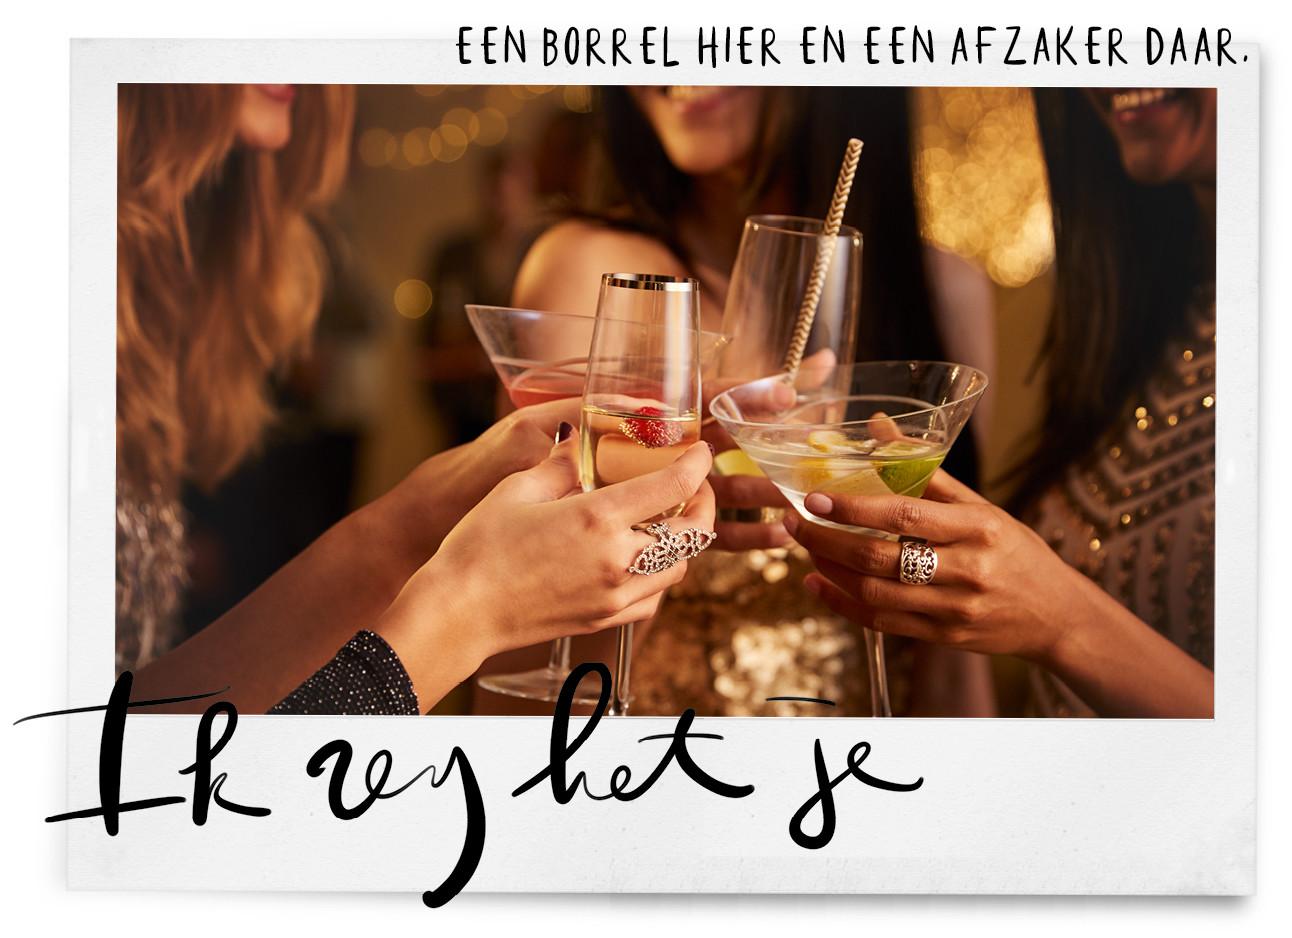 een gropeje meiden die proosten met martini en wijn glazen